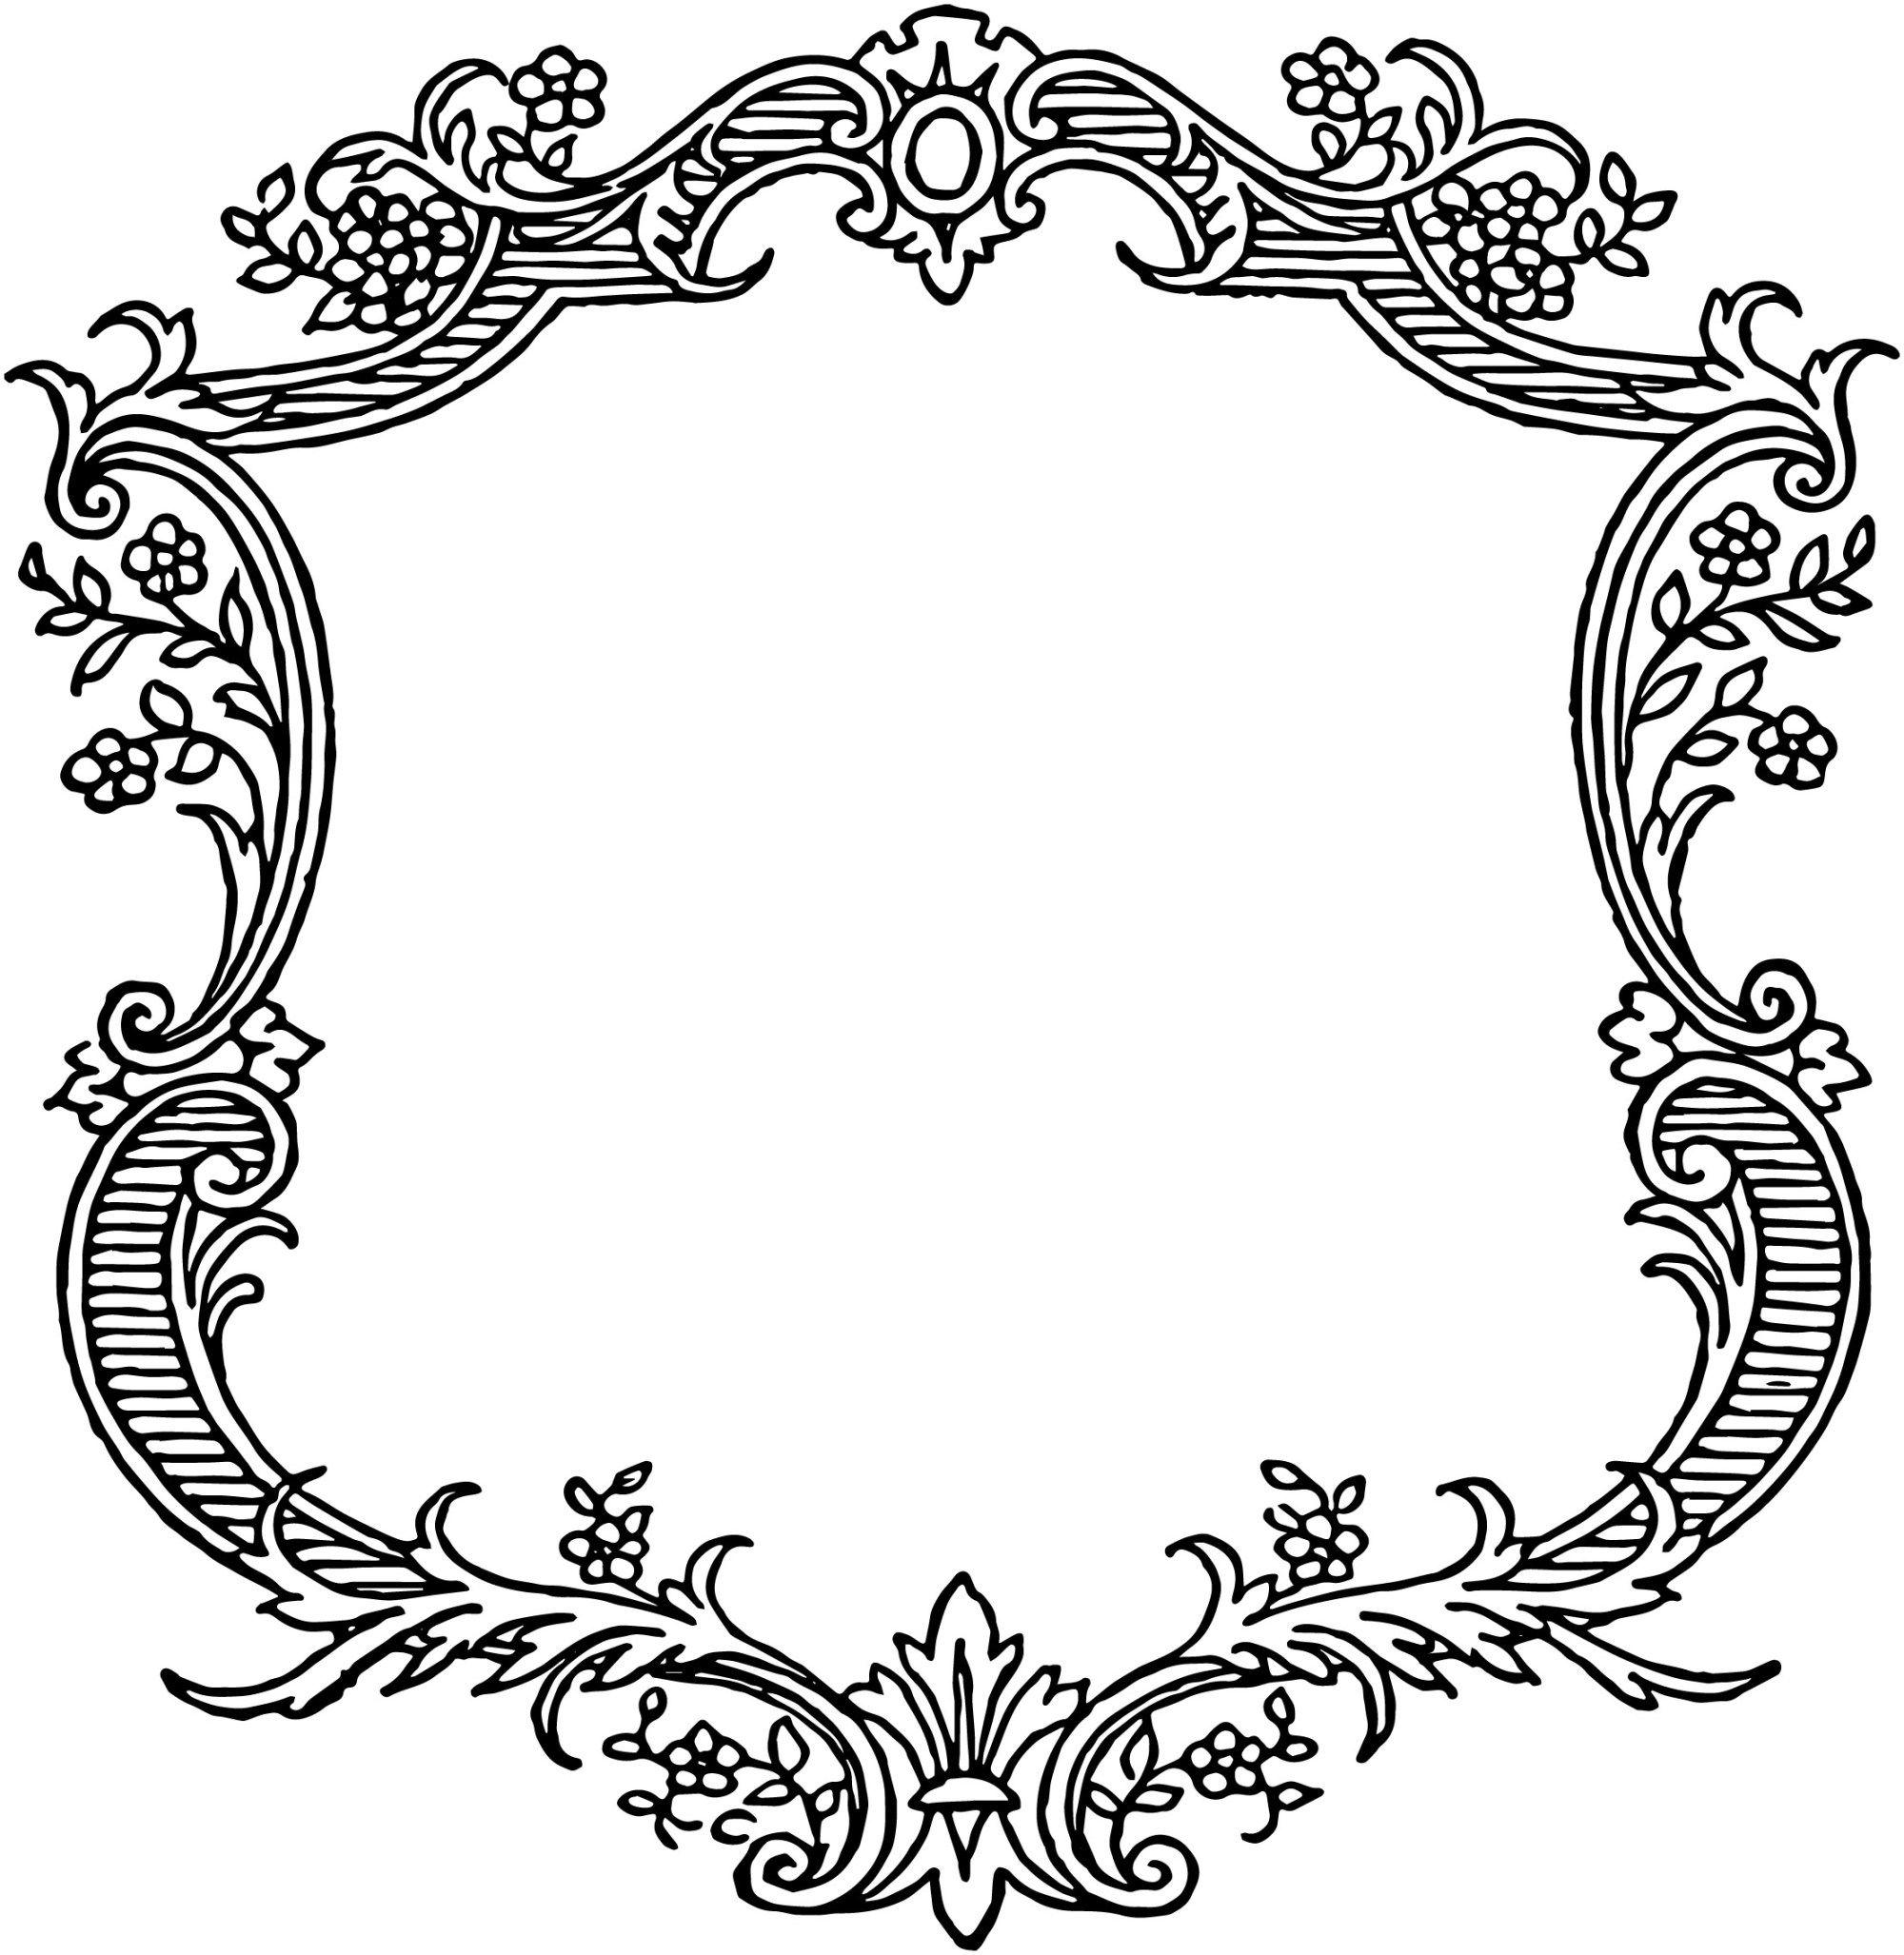 Free Vintage Floral Scroll Border Frame Clip Art Borders Vintage Frames Vector Vintage Frames